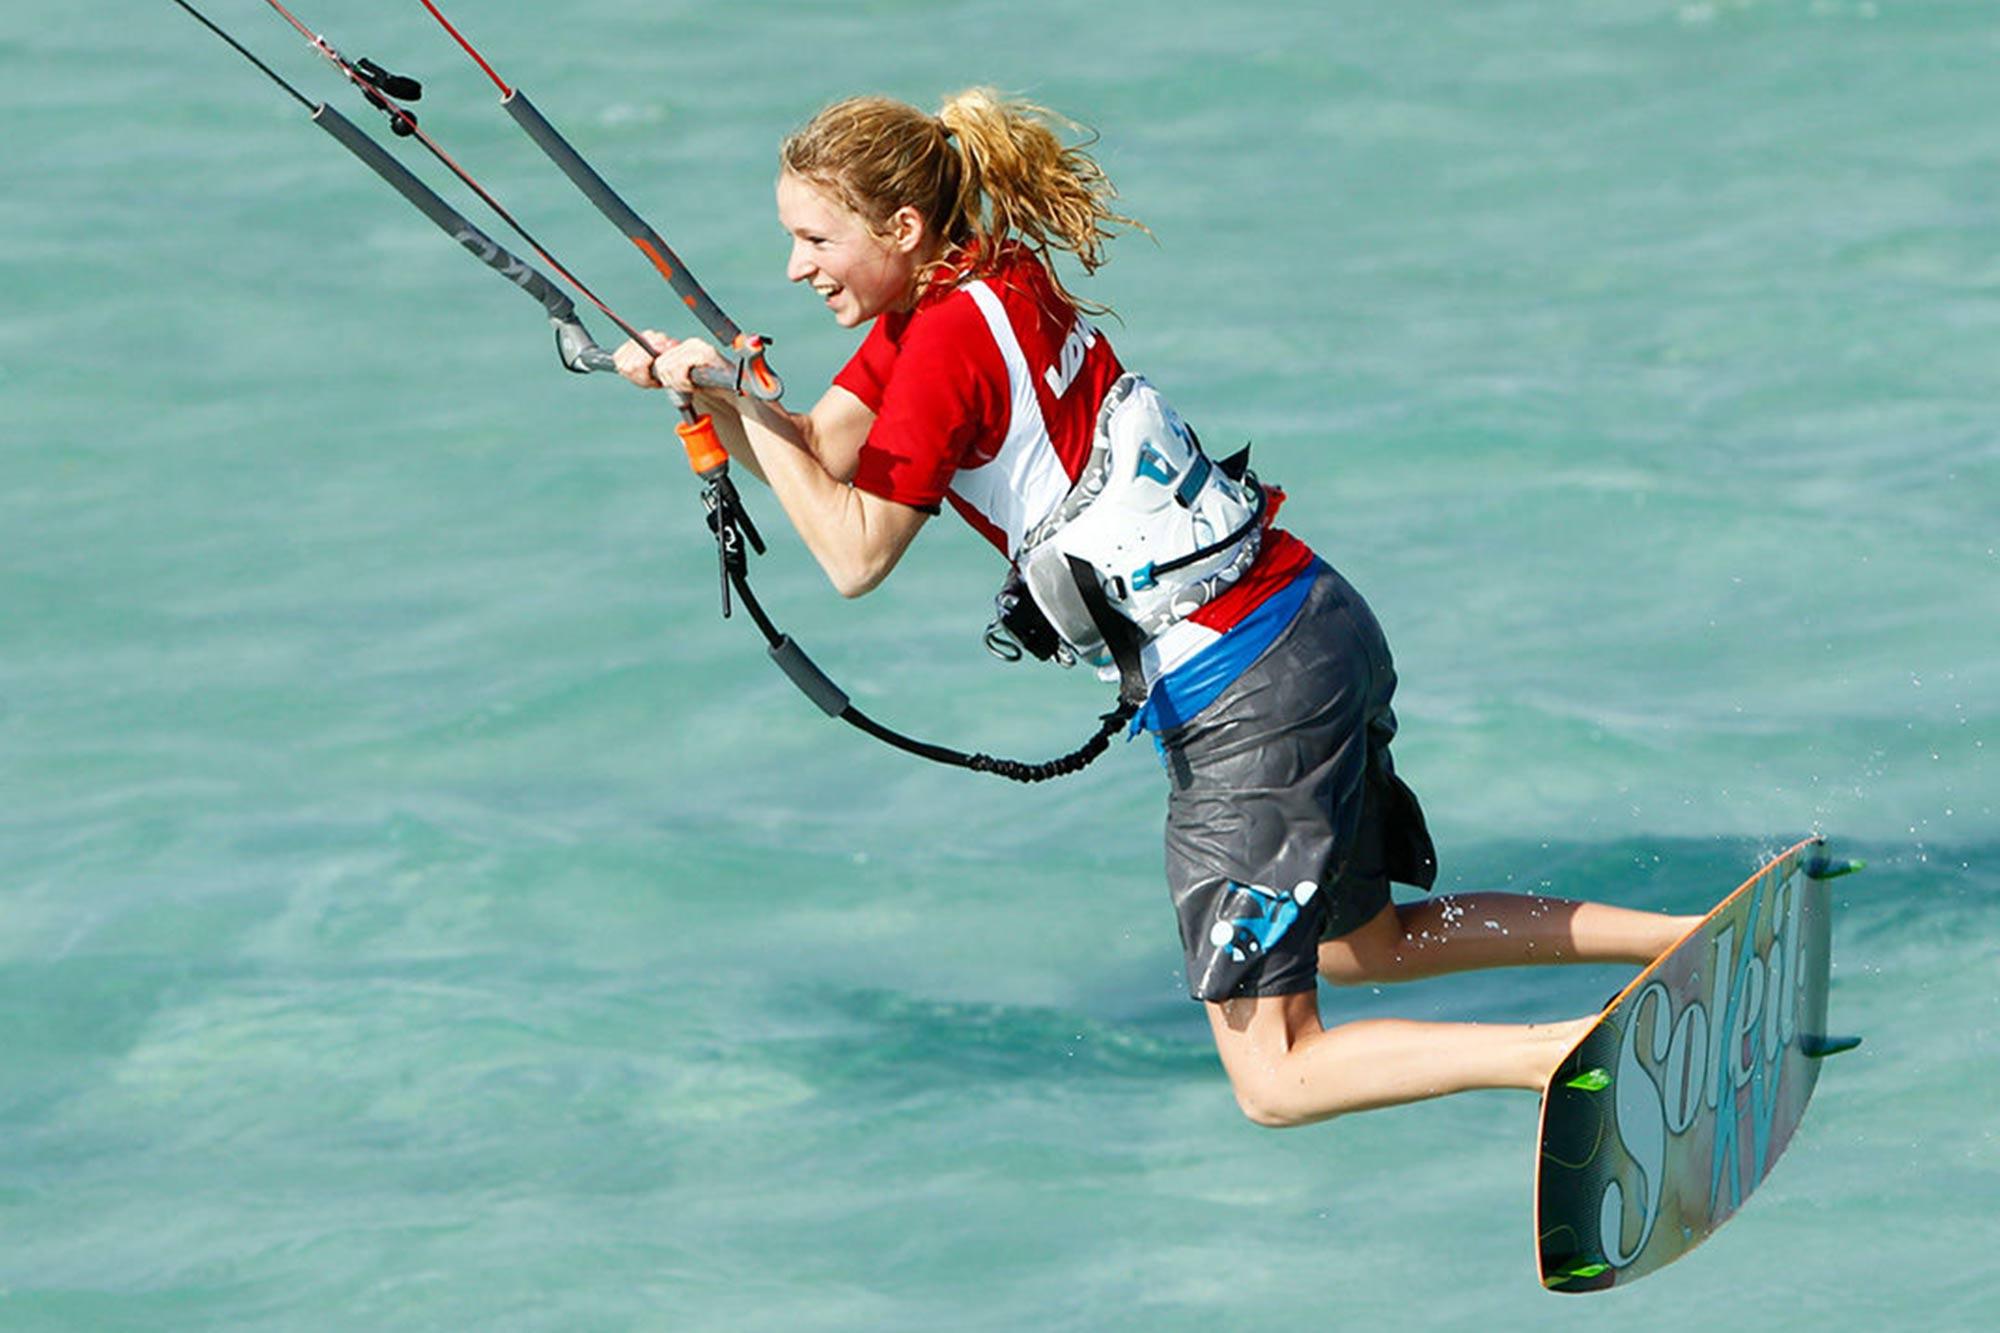 Kitesurferin beim Sprung